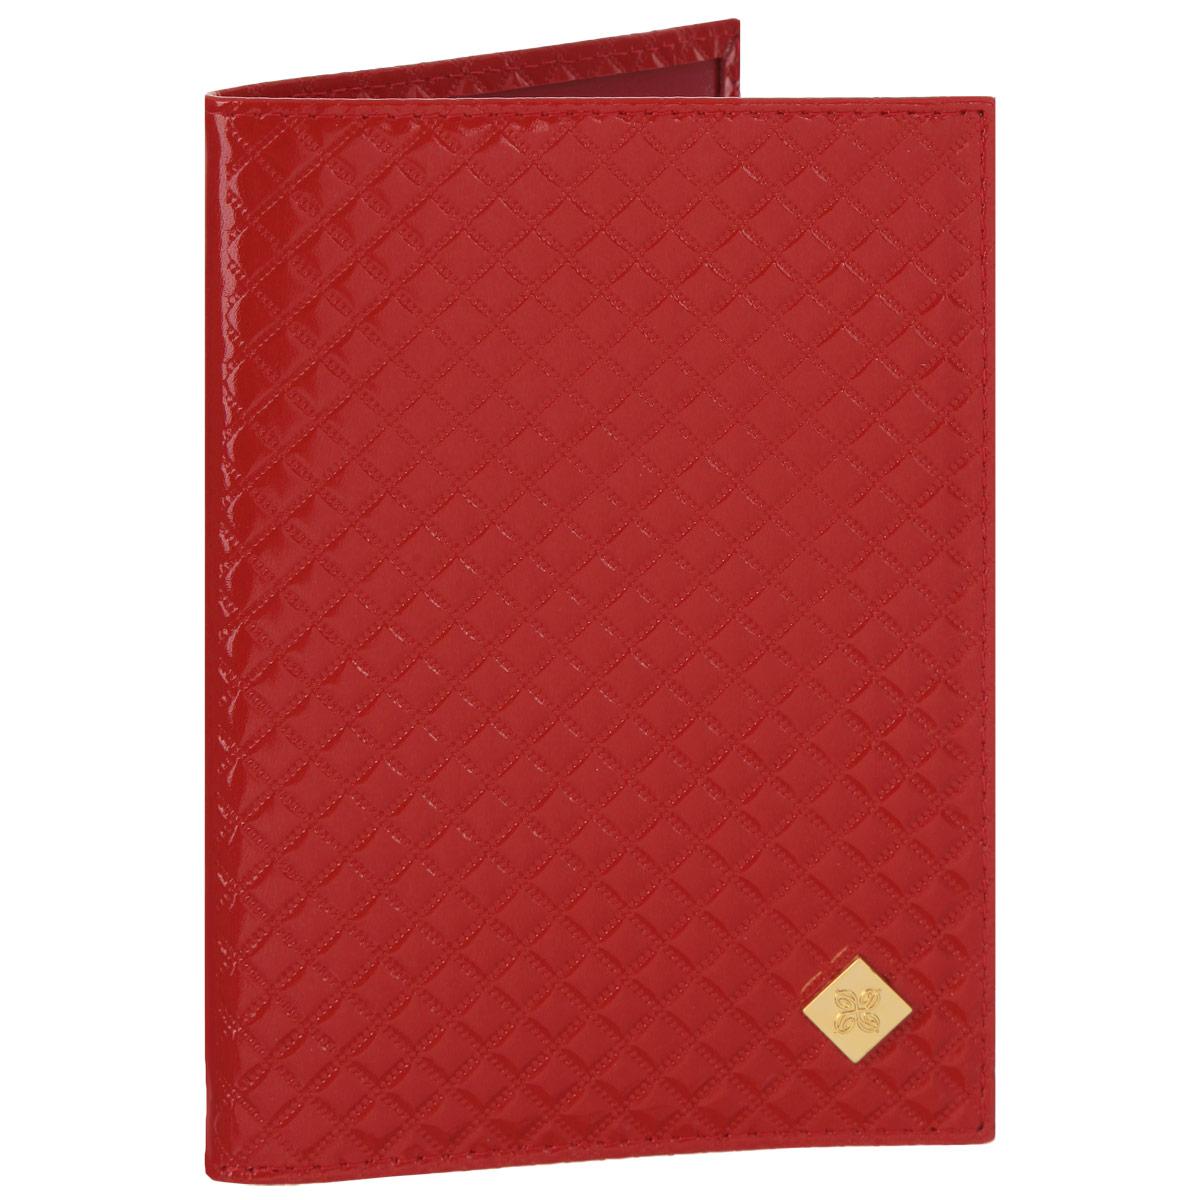 Обложка для паспорта женская Dimanche